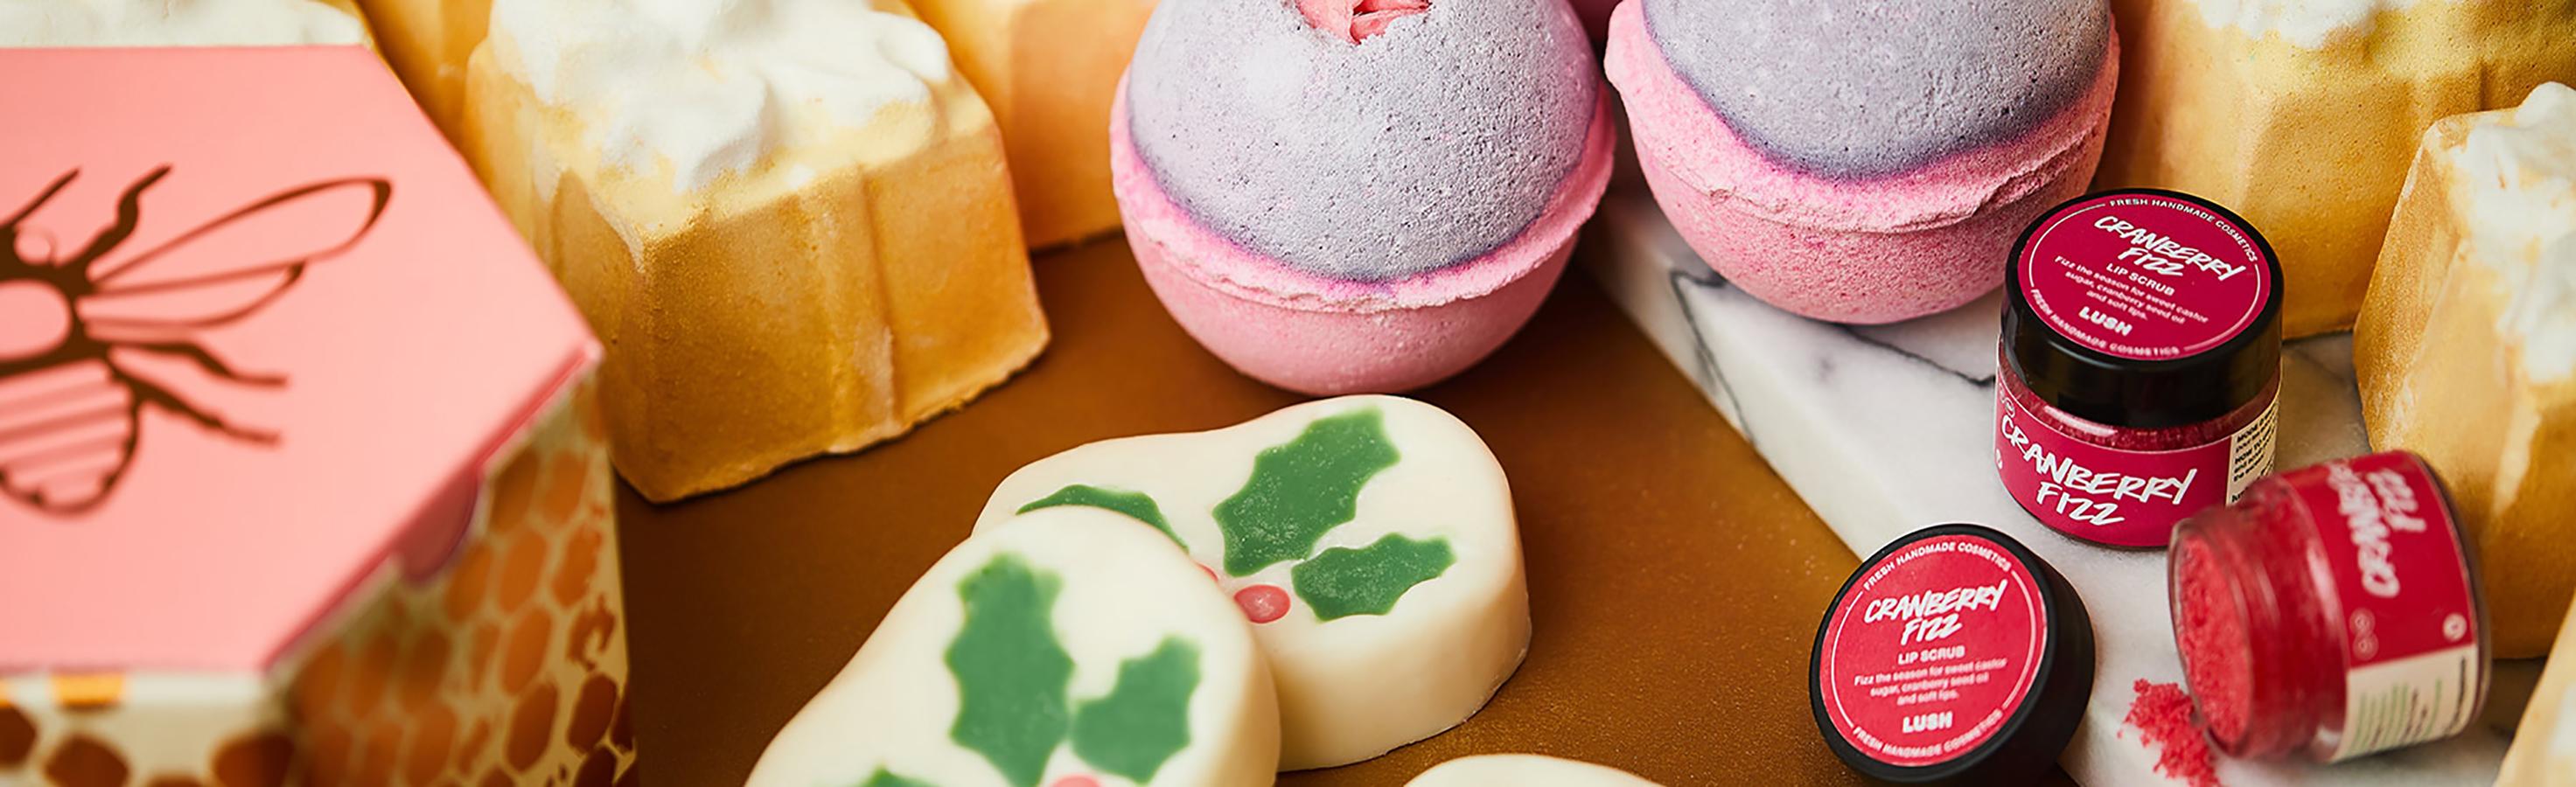 Regali Di Natale Romantici.Natale Romantico Lush Italia